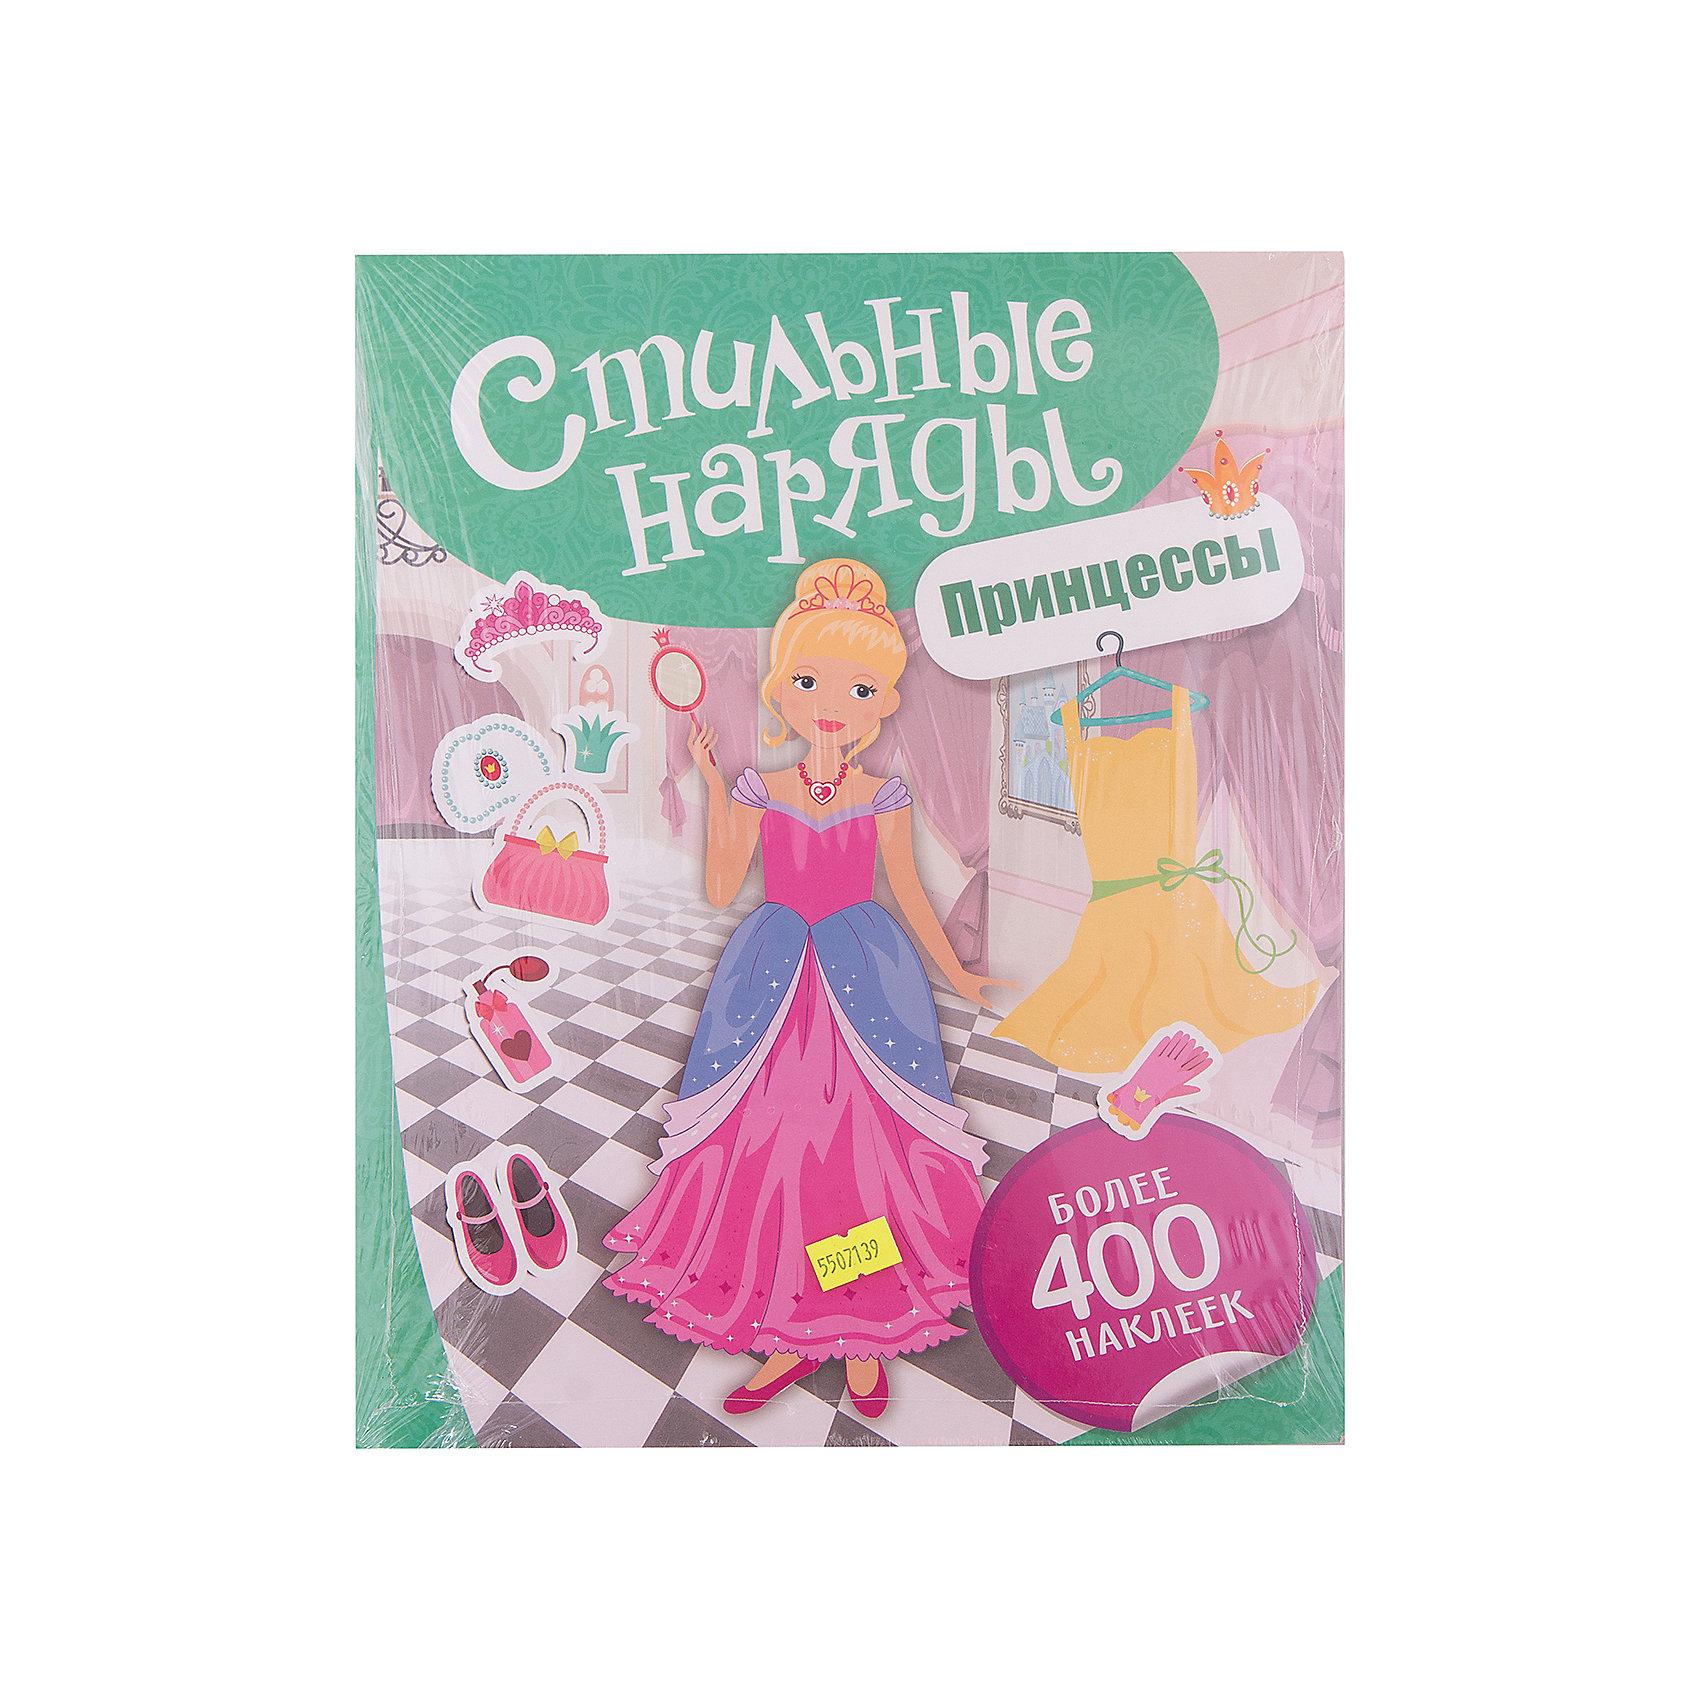 Наклейки Стильные наряды: принцессыРосмэн<br>Наклейки Стильные наряды. Принцессы<br><br>Характеристики:<br><br>• ISBN: 9785353079927<br>• Количество наклеек: большее 400<br>• В комплекте: альбом с наклейками<br><br>В этой книге содержится более 400 наклеек с разными модными аксессуарами и одеждой! Играя с этой книгой, ваш ребенок сможет ощутить себя настоящим дизайнером, составляя модные образы и сочетая различные элементы нарядов между собой. Игра с наклейками способствует развитию мелкой моторики у детей, а яркие и красочные изображения надолго увлекут игрой.<br><br>Наклейки Стильные наряды. Принцессы можно купить в нашем интернет-магазине.<br><br>Ширина мм: 295<br>Глубина мм: 240<br>Высота мм: 30<br>Вес г: 218<br>Возраст от месяцев: 60<br>Возраст до месяцев: 2147483647<br>Пол: Женский<br>Возраст: Детский<br>SKU: 5507139